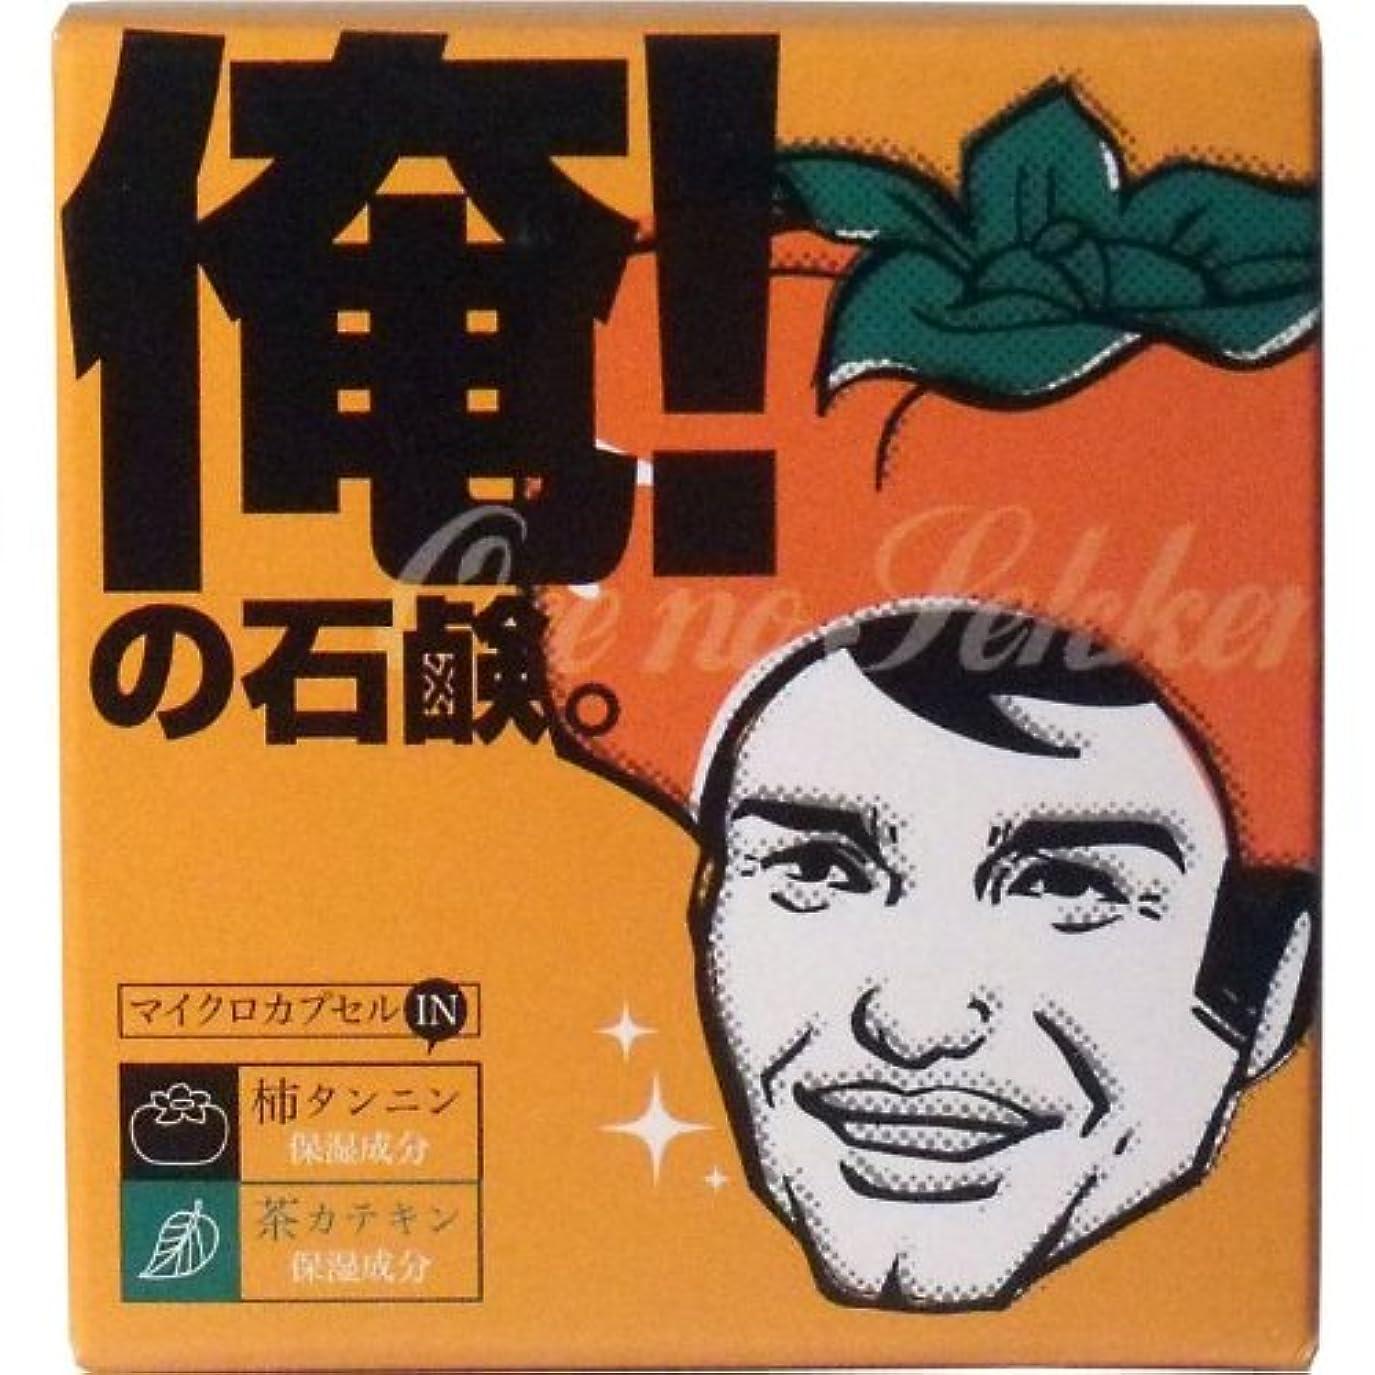 ドロー努力引数茶カテキン! 柿タンニン! をダブル配合!石鹸